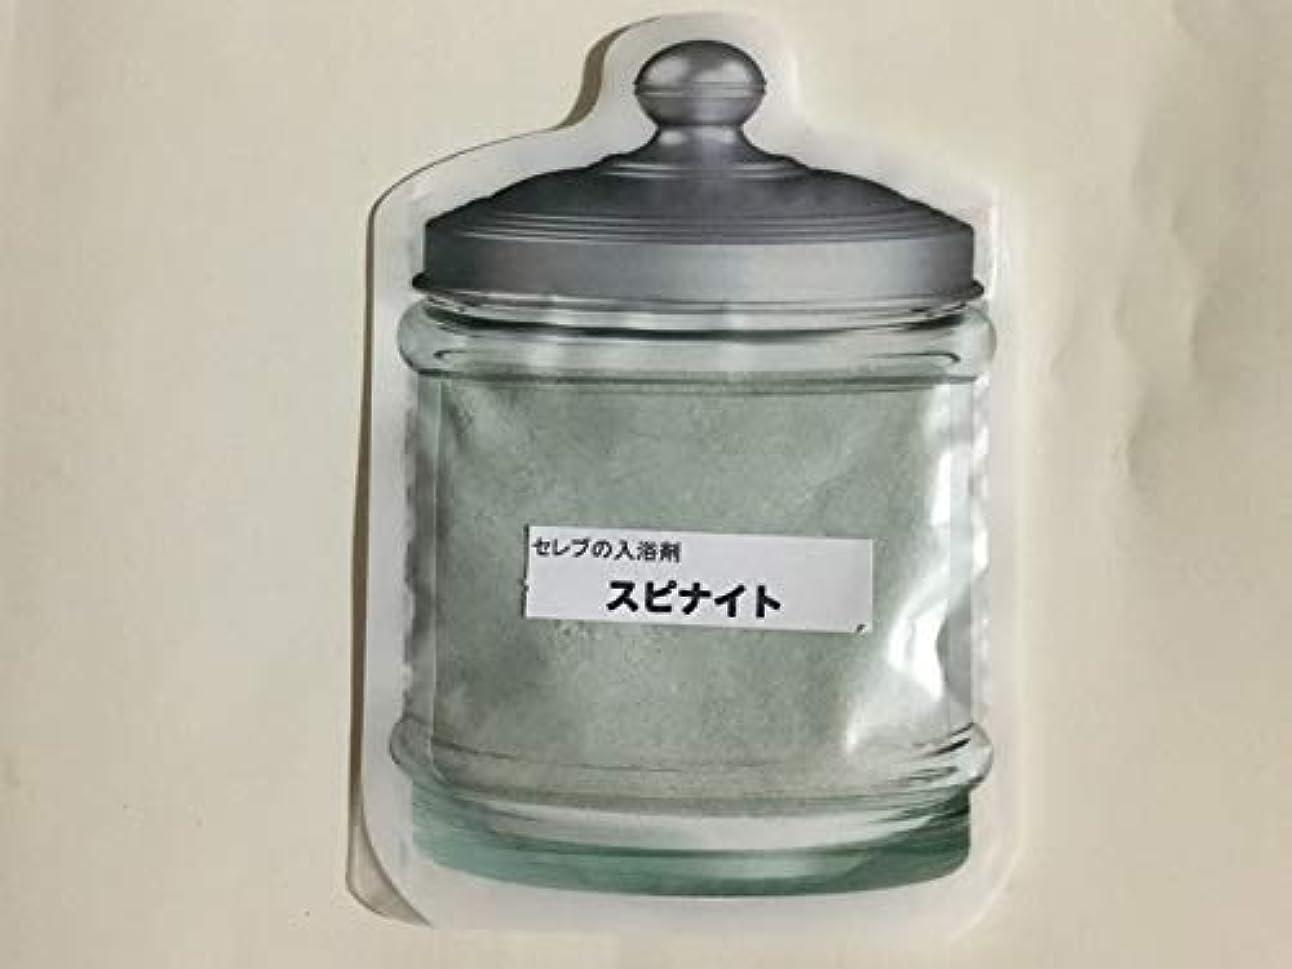 広々不完全な羊飼いセレブの入浴剤「スピナイト」